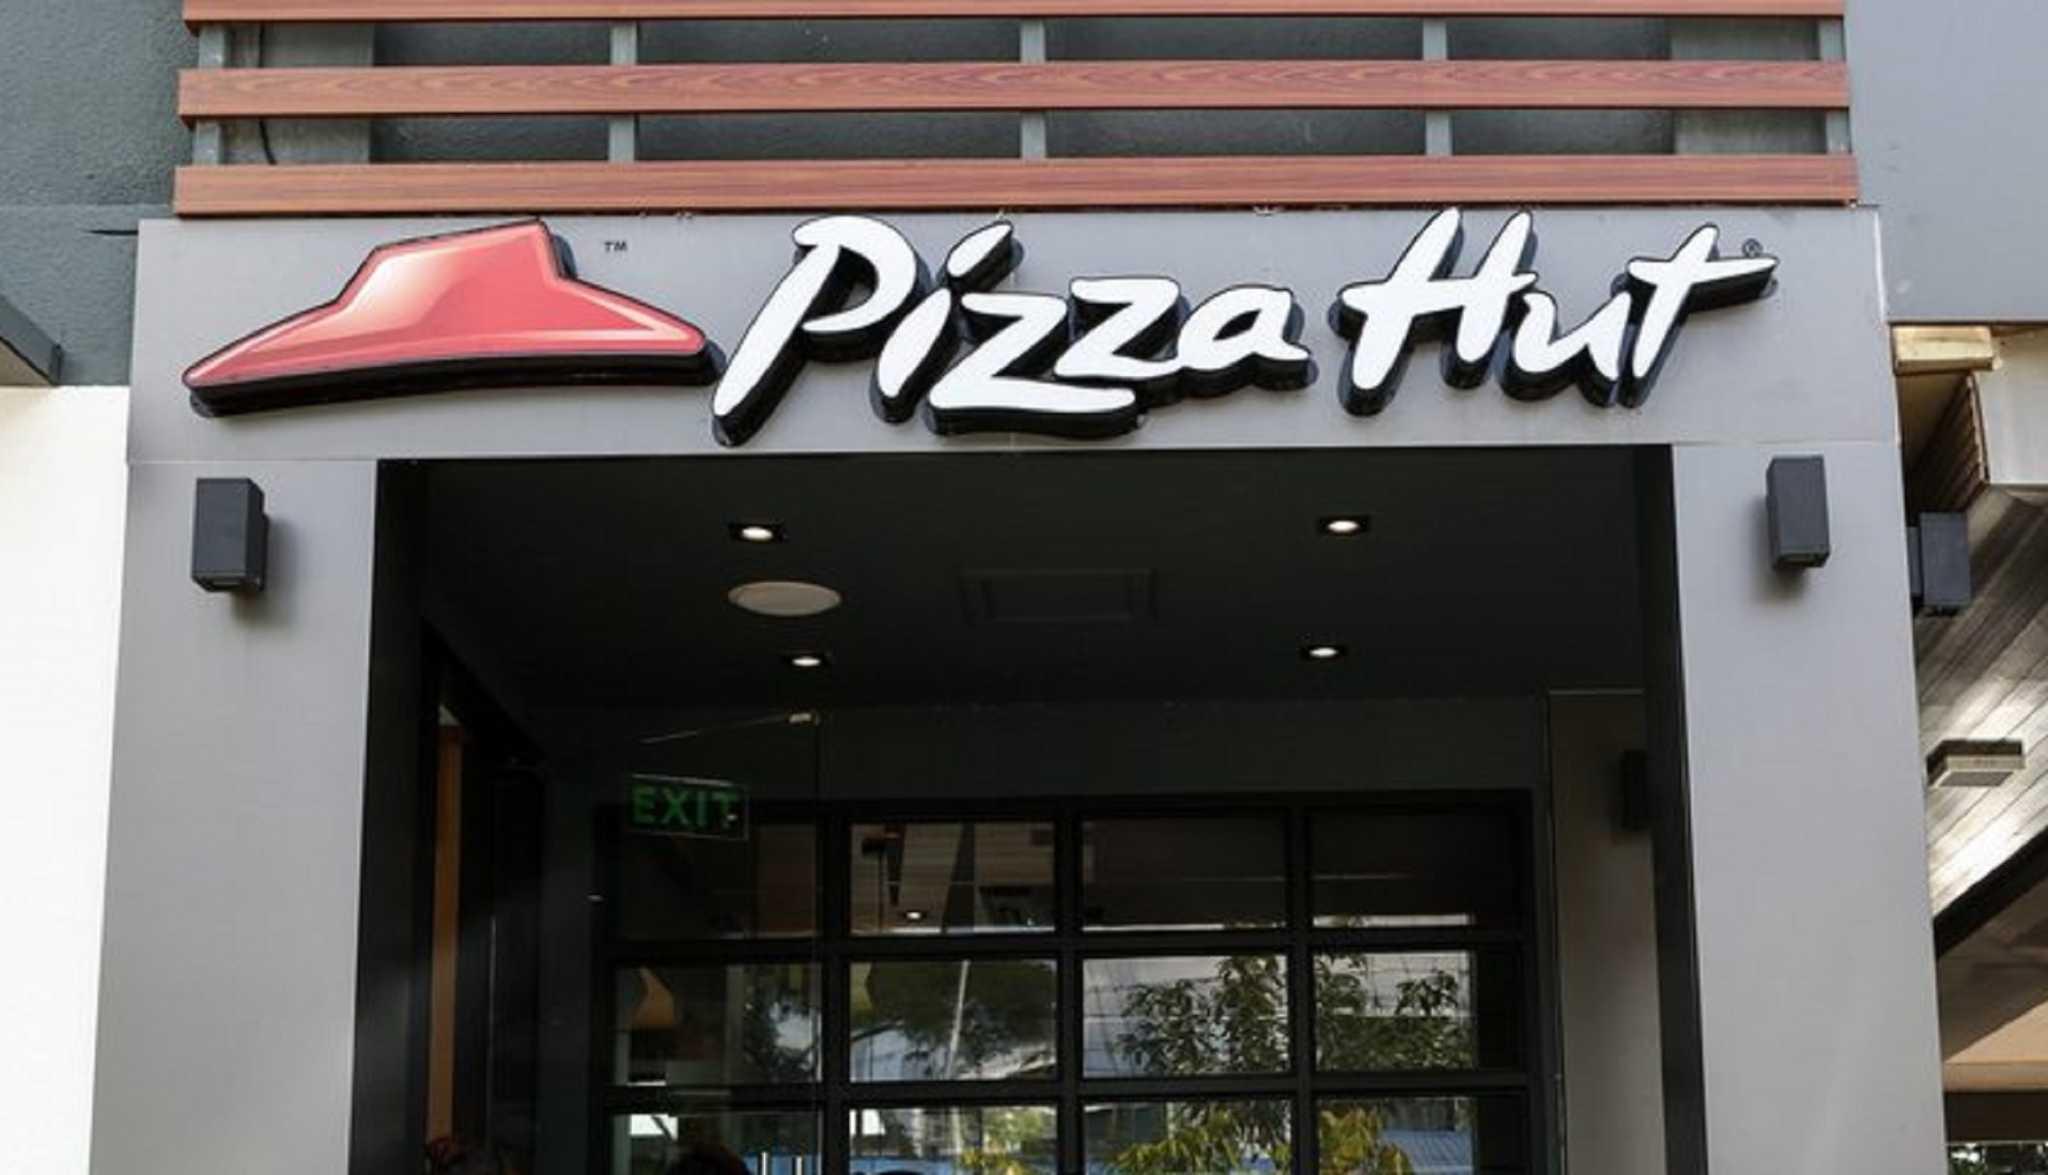 Pizza Hut: Το μέλλον μετά το λουκέτο και οι ανακατατάξεις στον κλάδο της εστίασης. Τα σχέδια των εταιρειών...